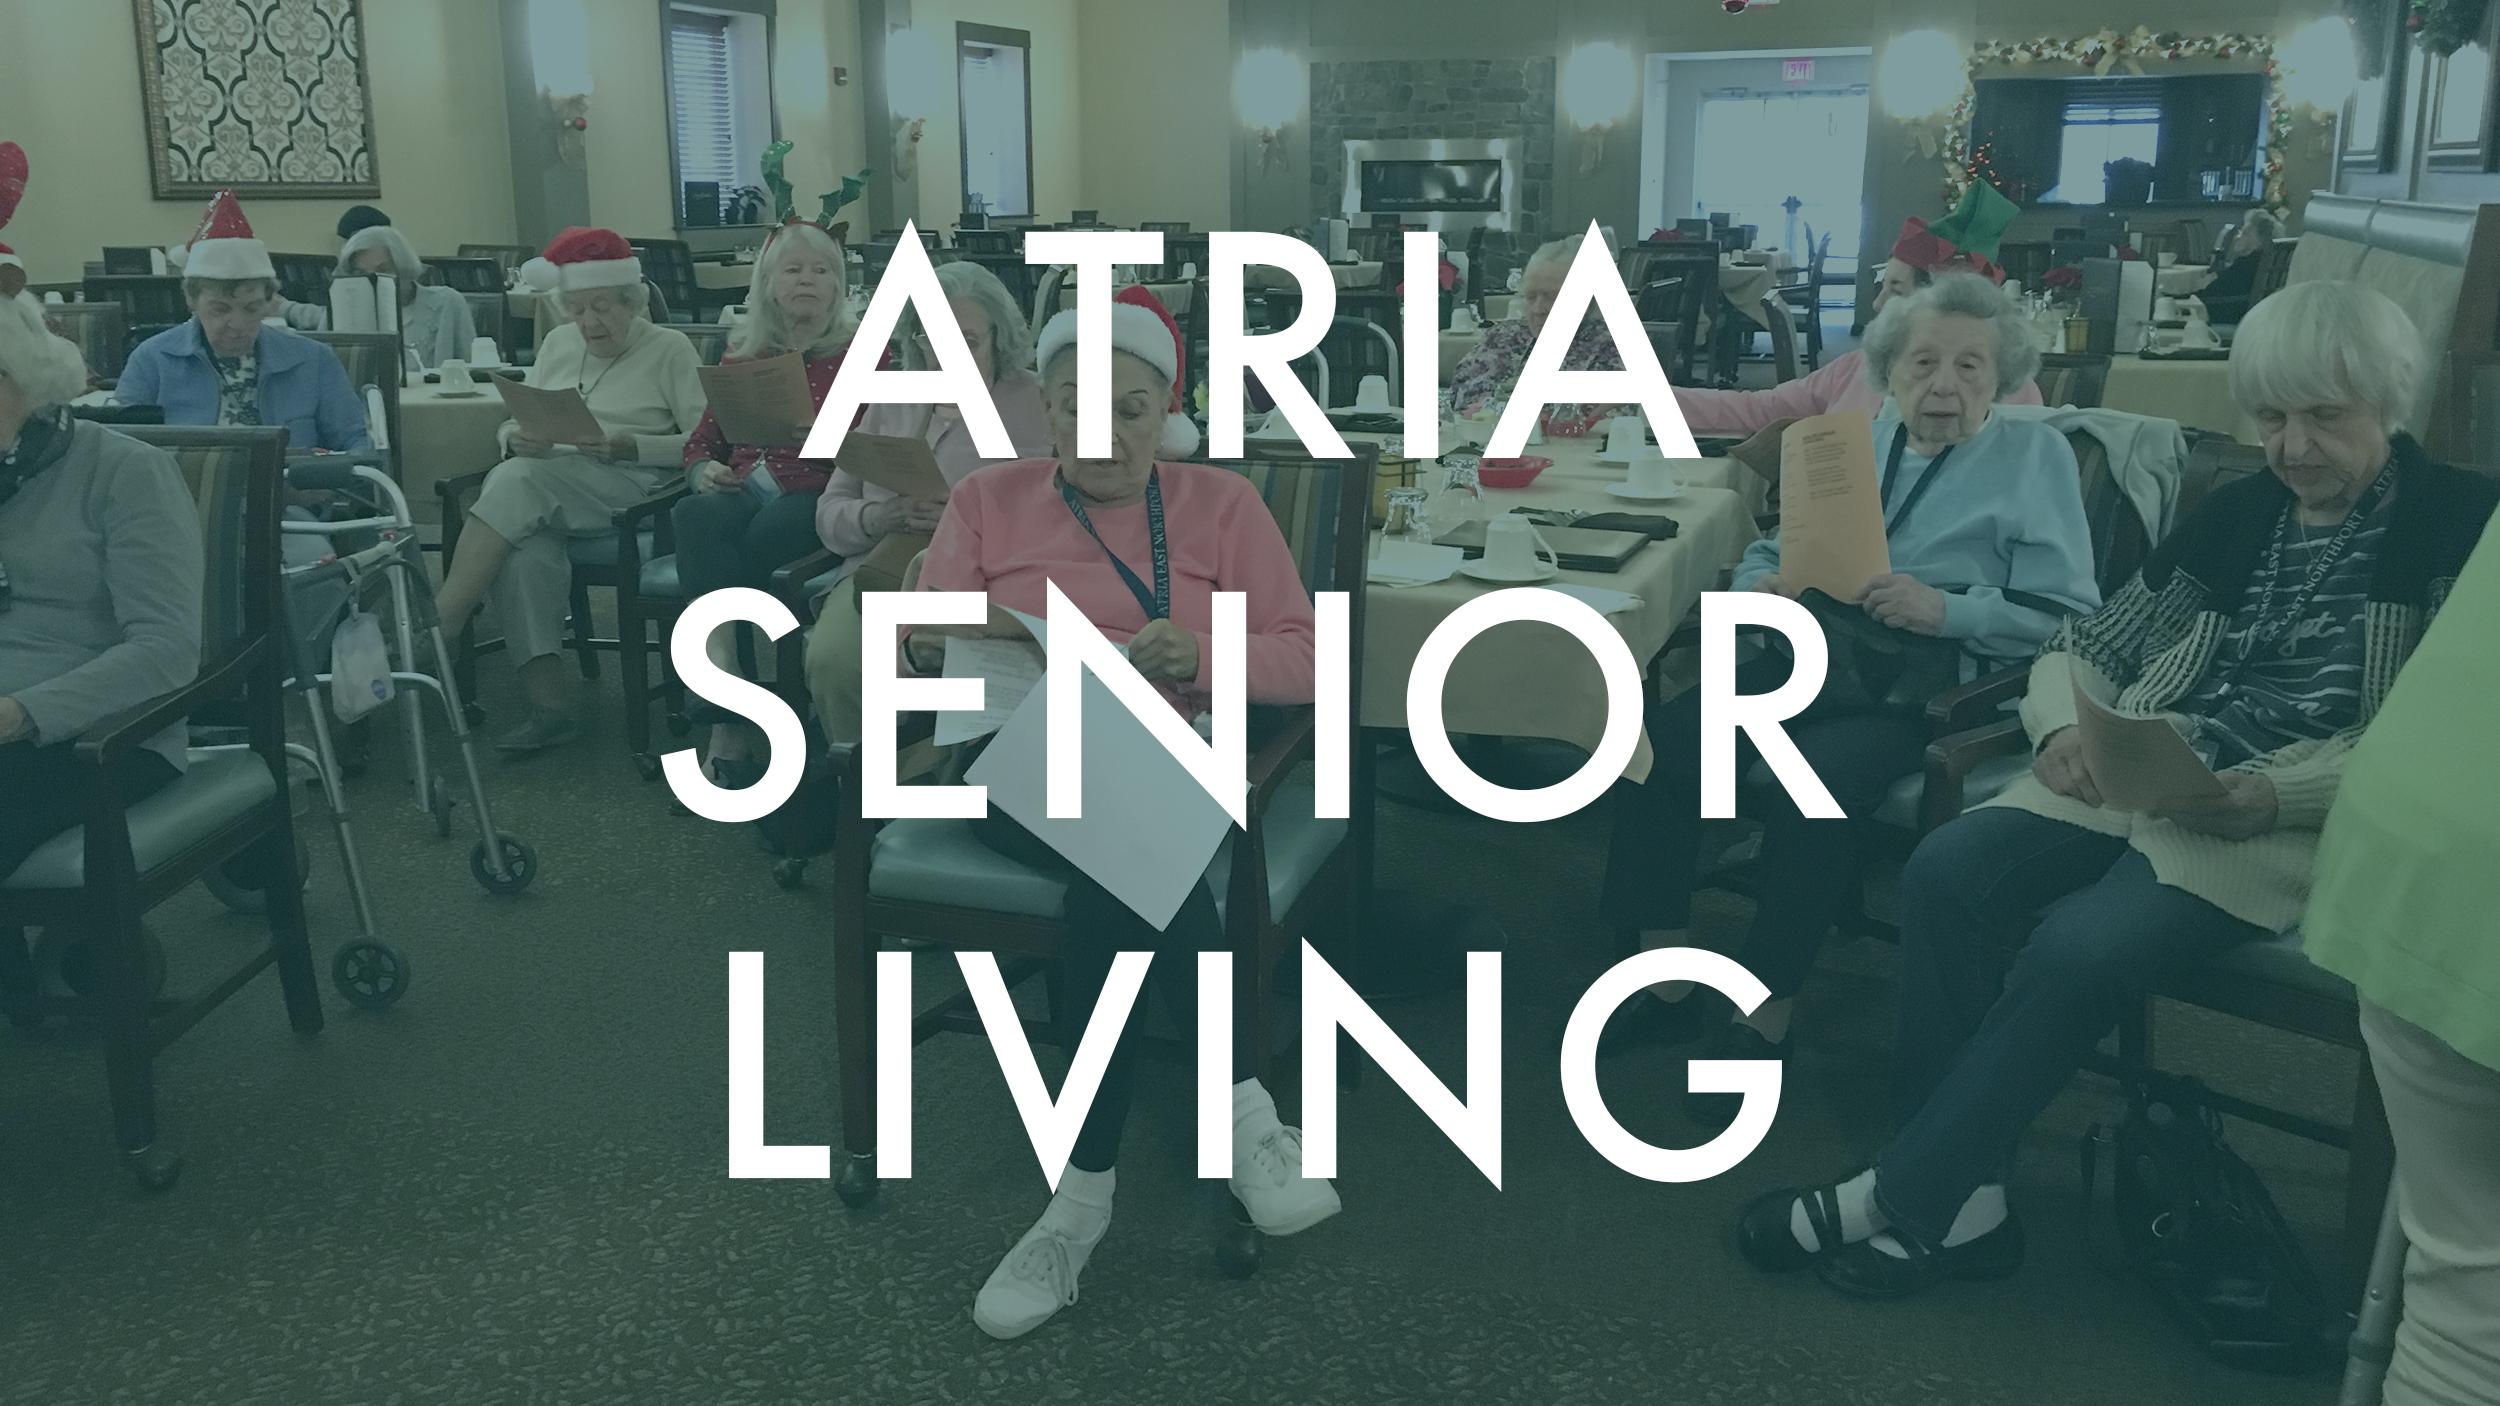 Atria Assisted Living.jpg